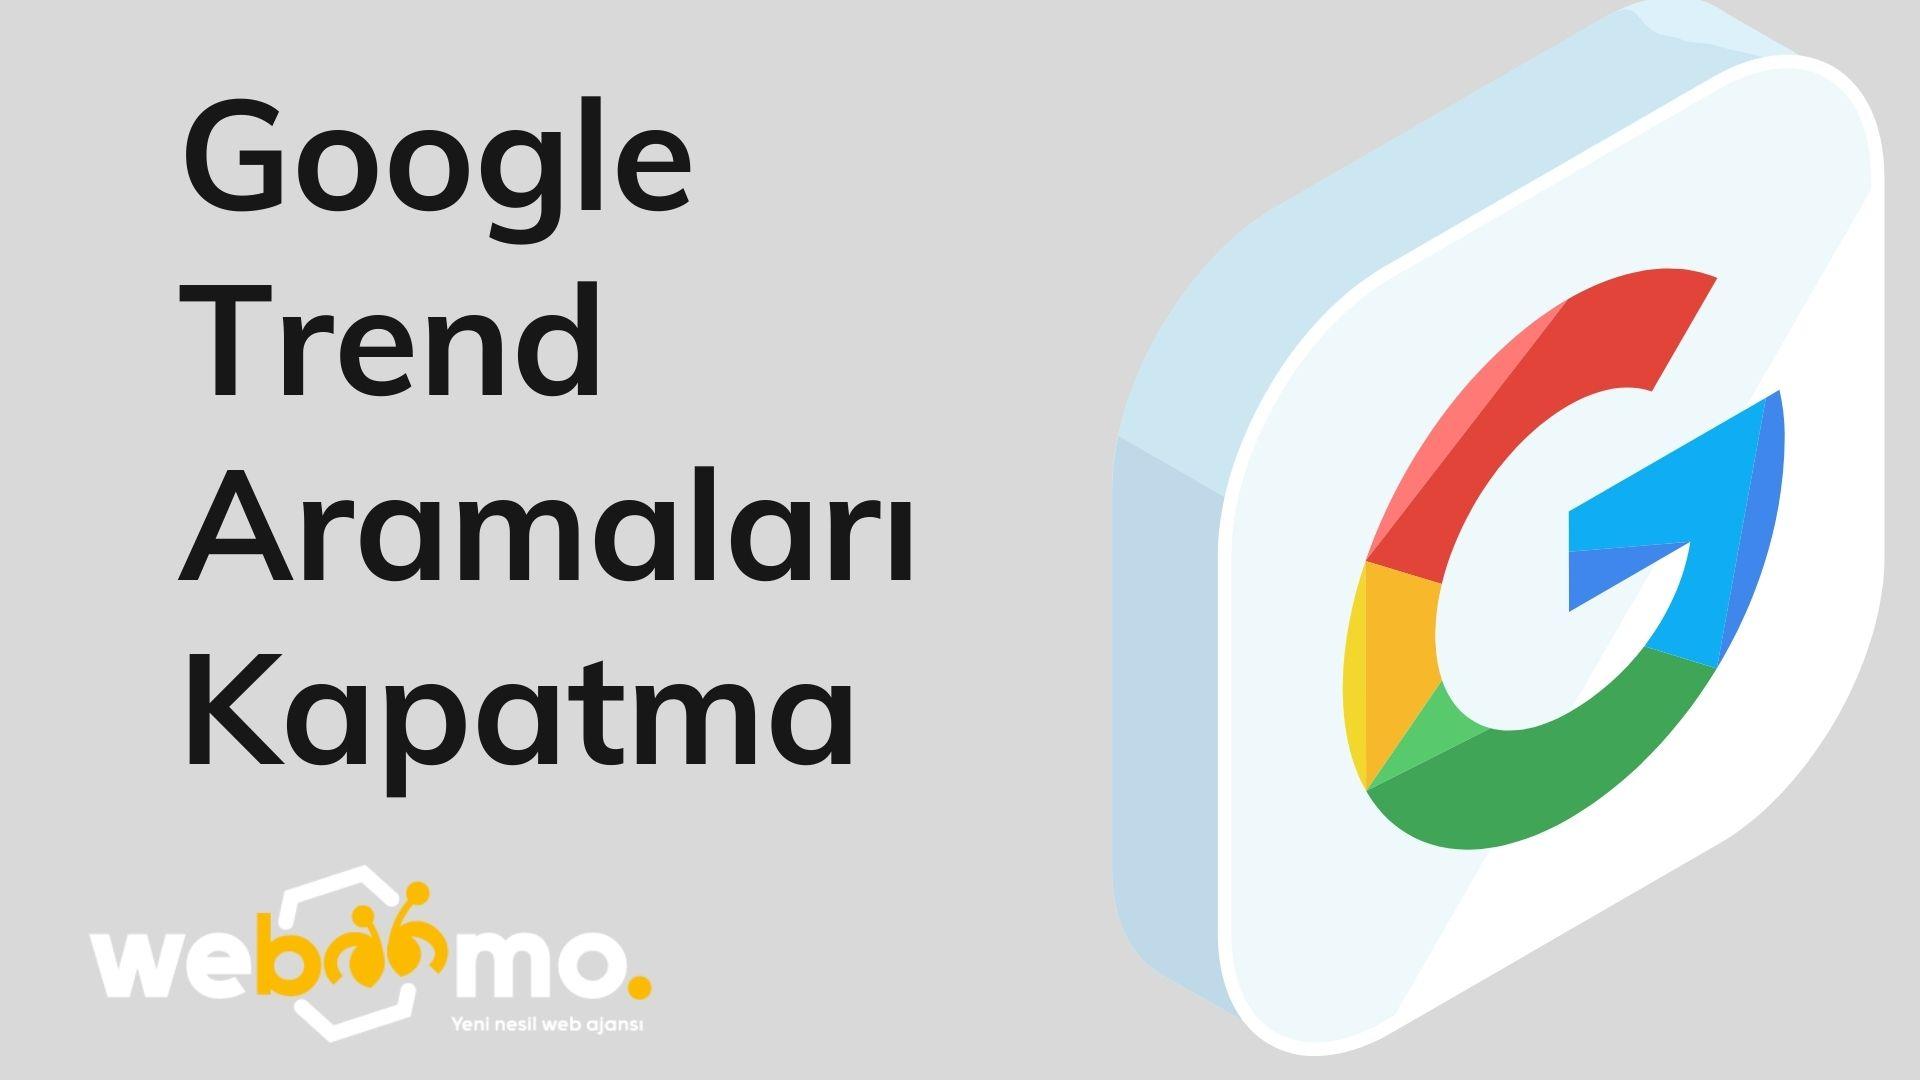 Google Trend Aramaları Kapatma